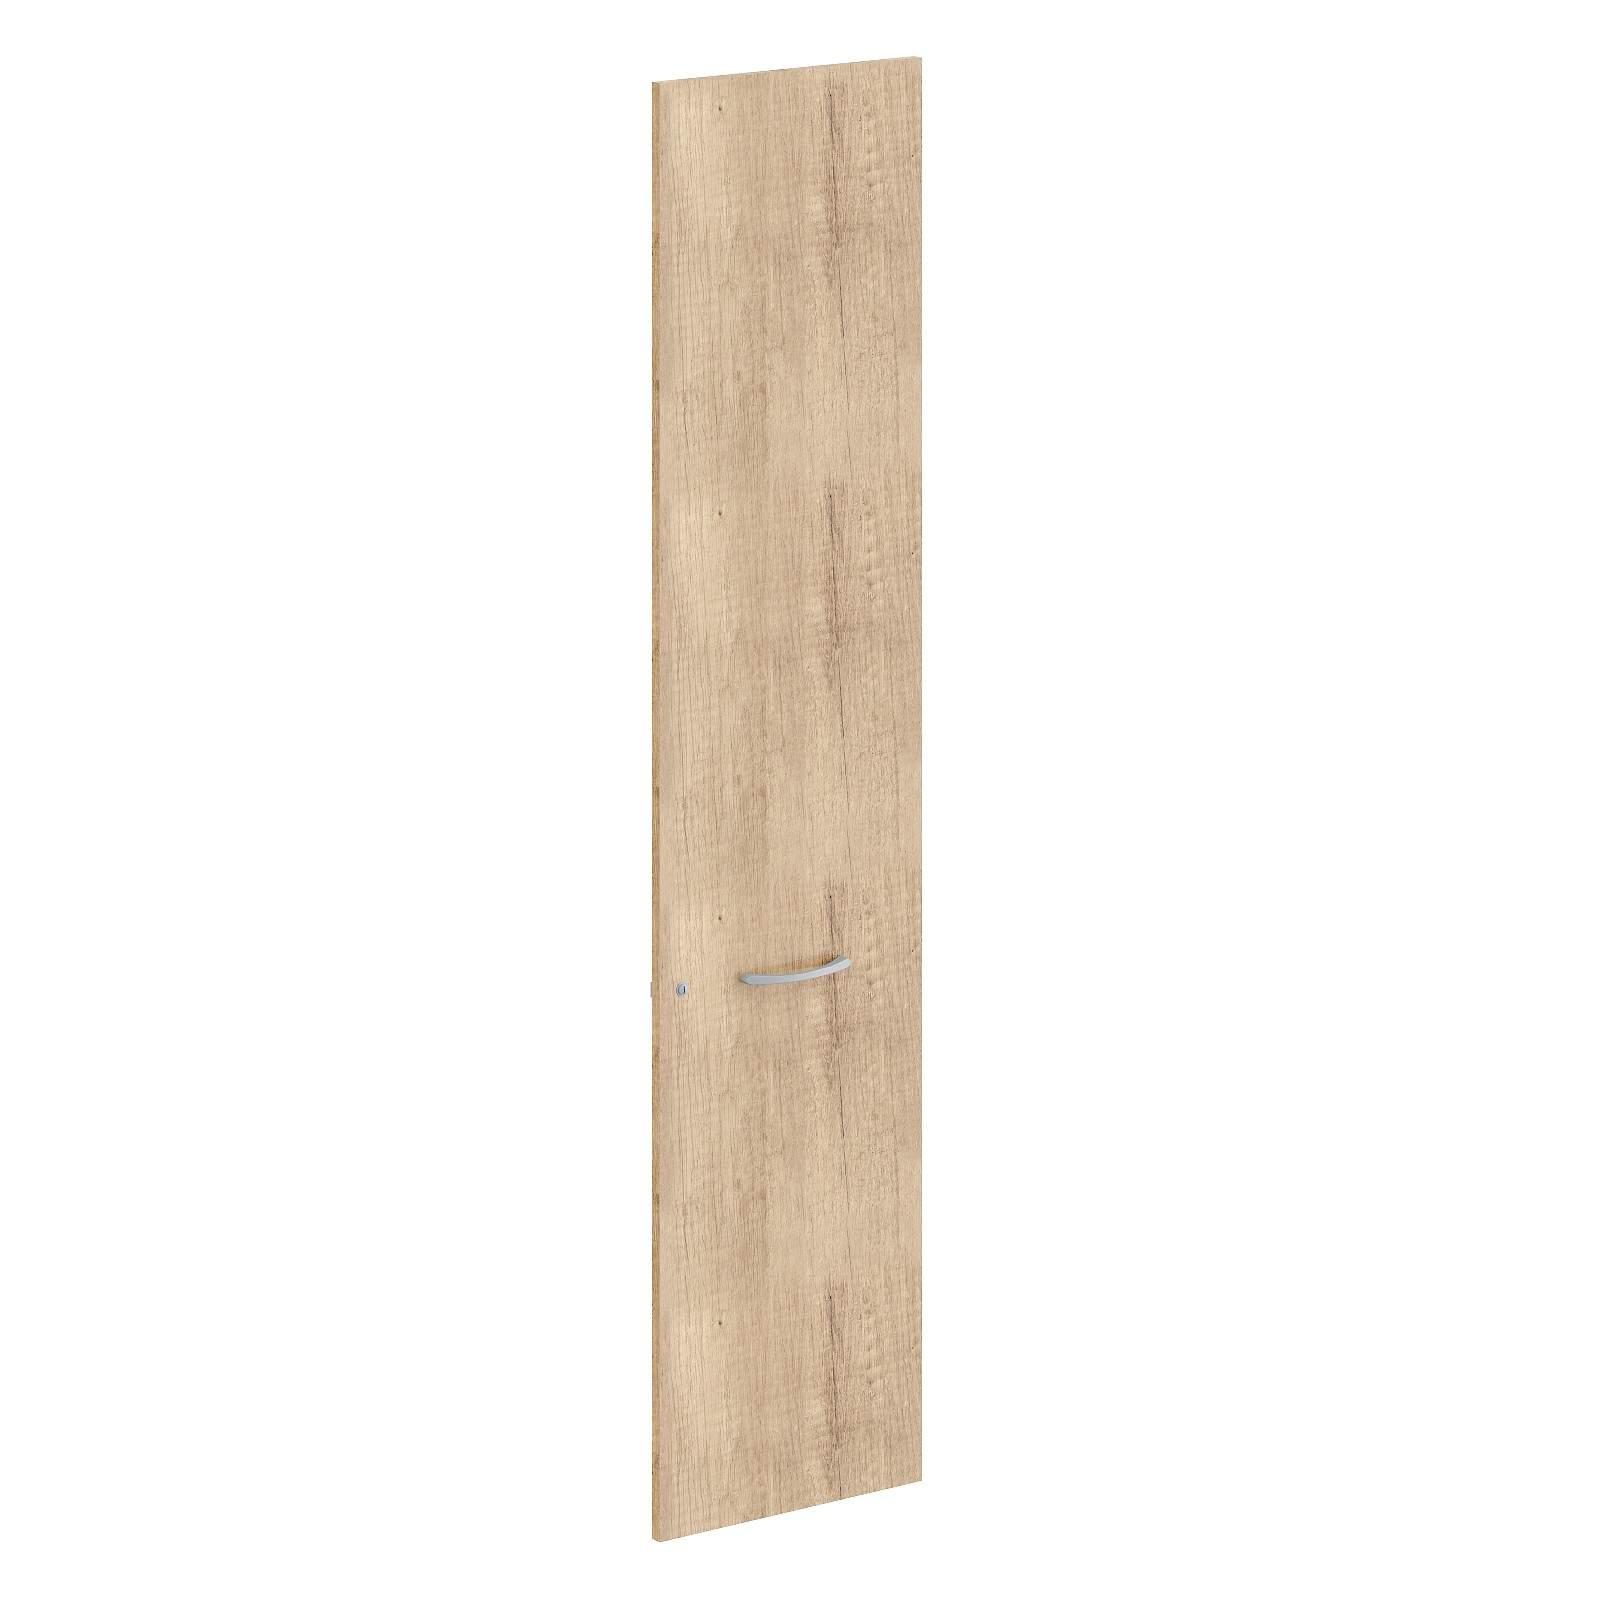 Двери шкафа высокие с замком 422x18x1900